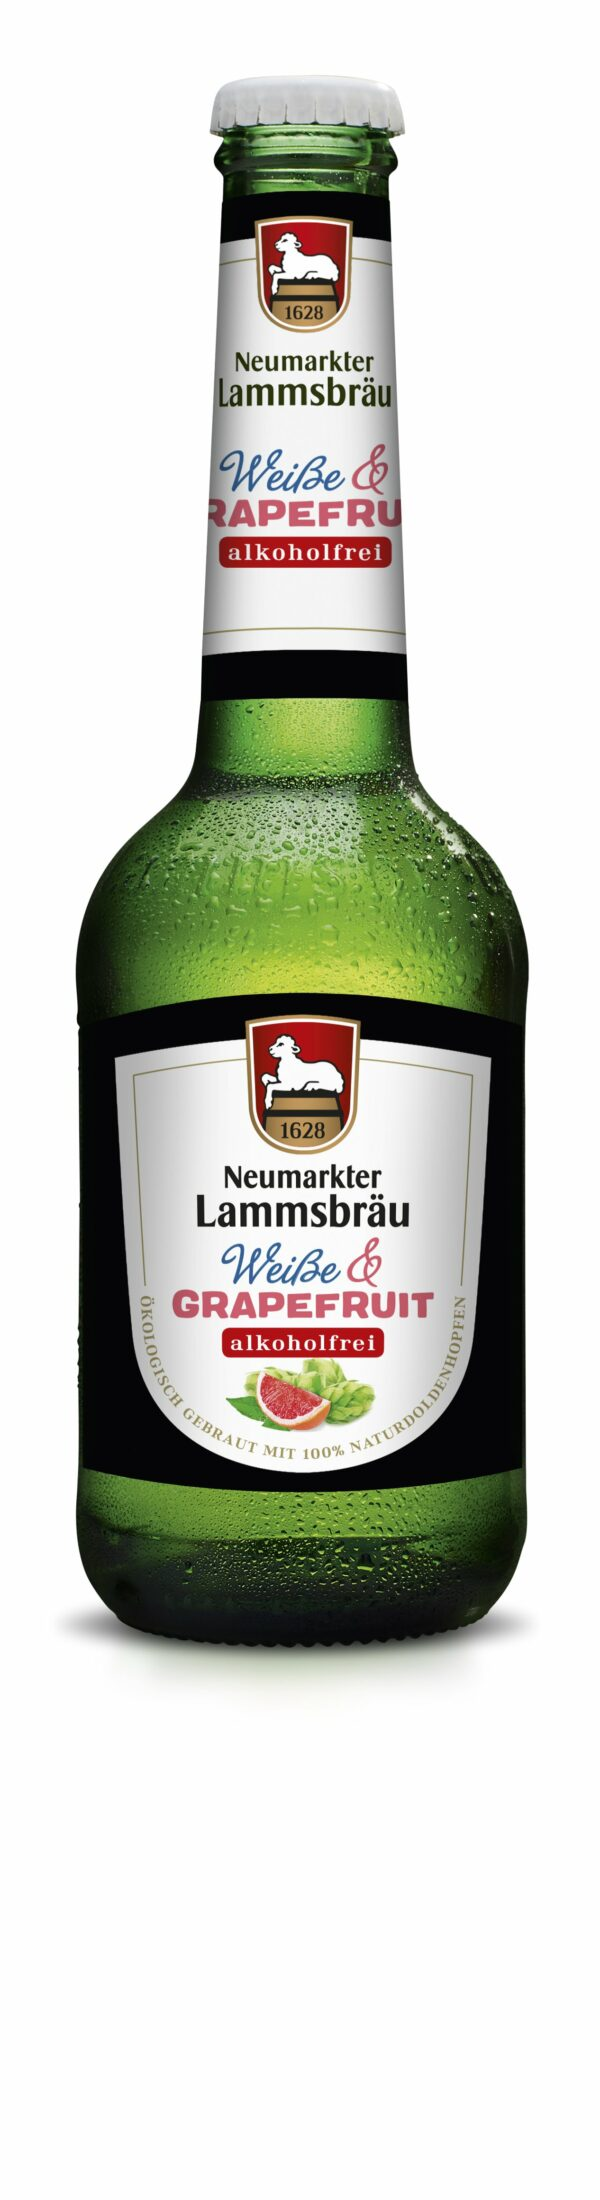 Neumarkter Lammsbräu Lammsbräu Weiße & Grapefruit Alkoholfrei (Bio) 0,33l